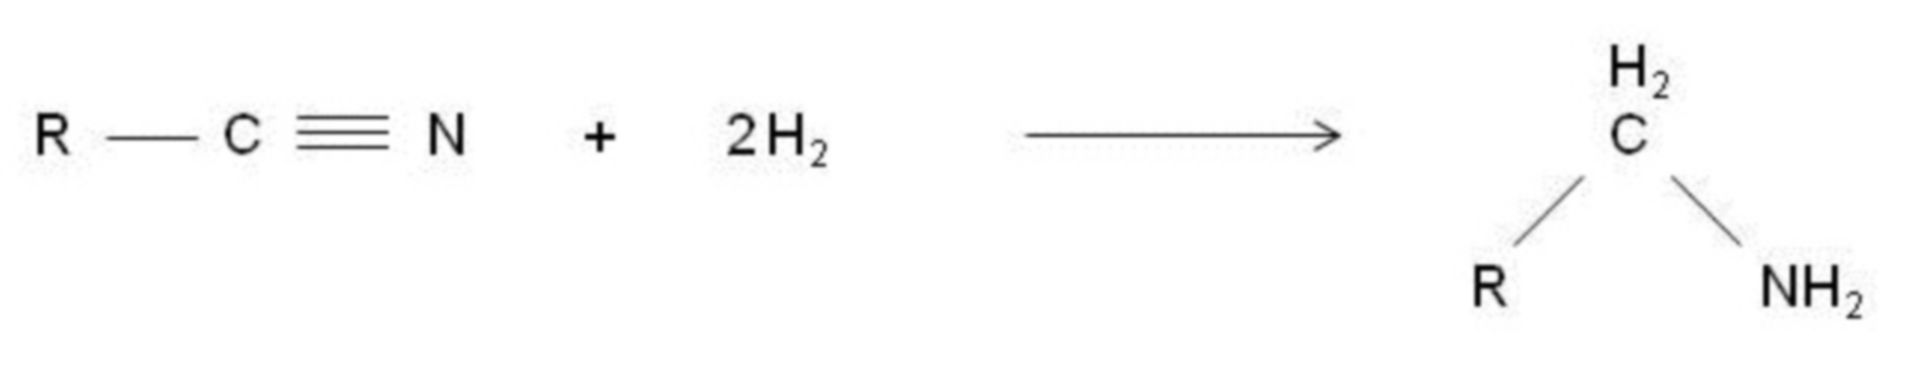 Reducción a amina